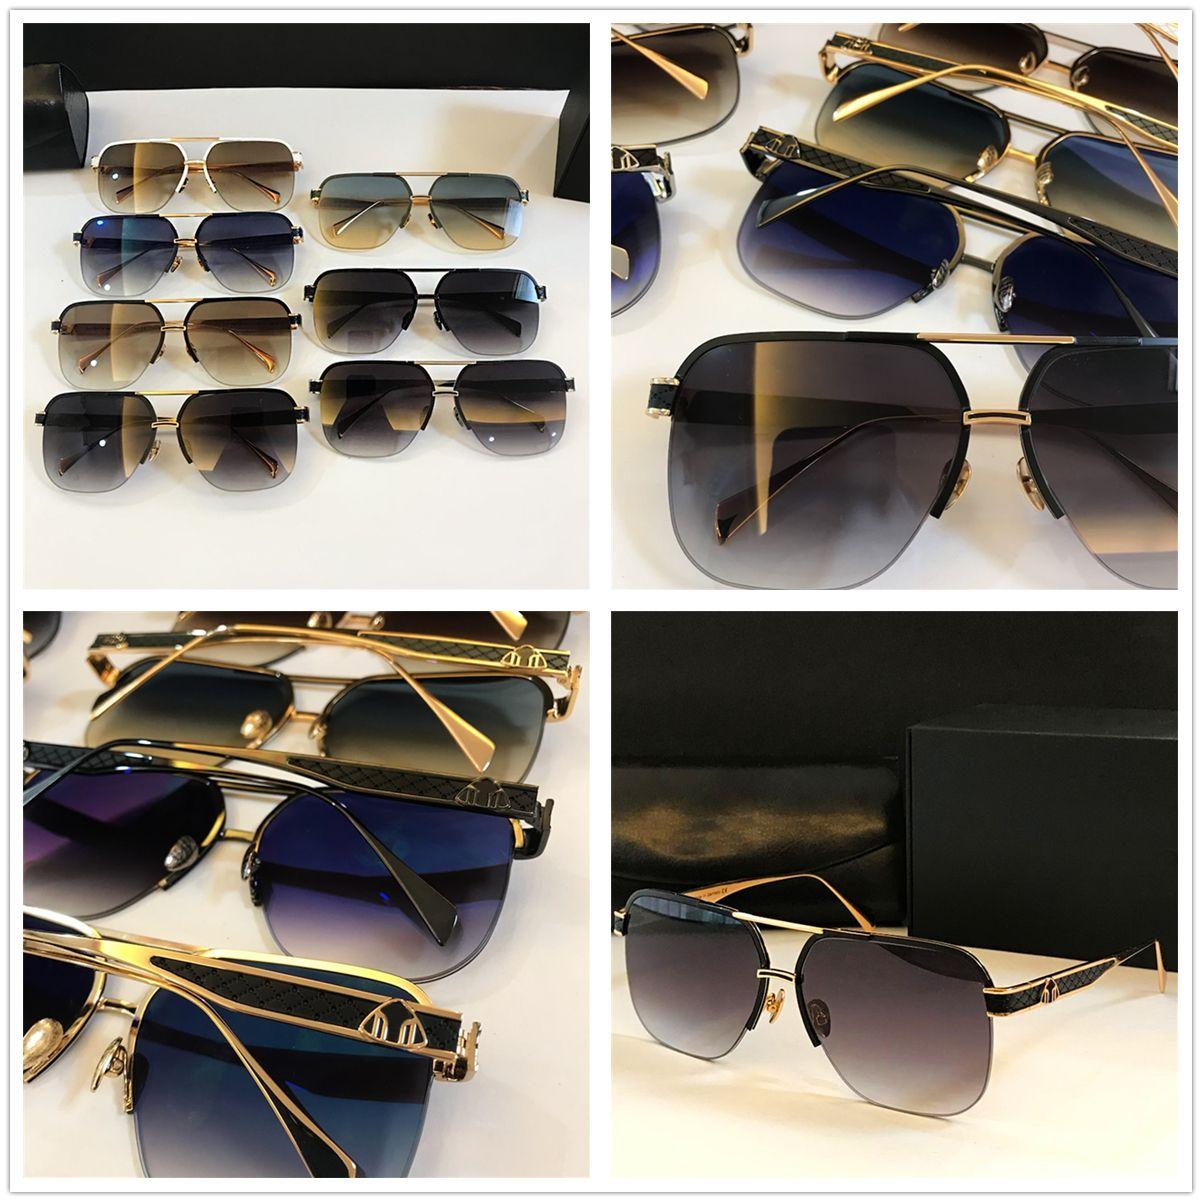 2020 Nuovo Trendy Classic Mens Fashion Brand Sunglass Designer di lusso Occhiali da sole Square Driving Eyewear Anti Refelction Brand Sunglass De Atur